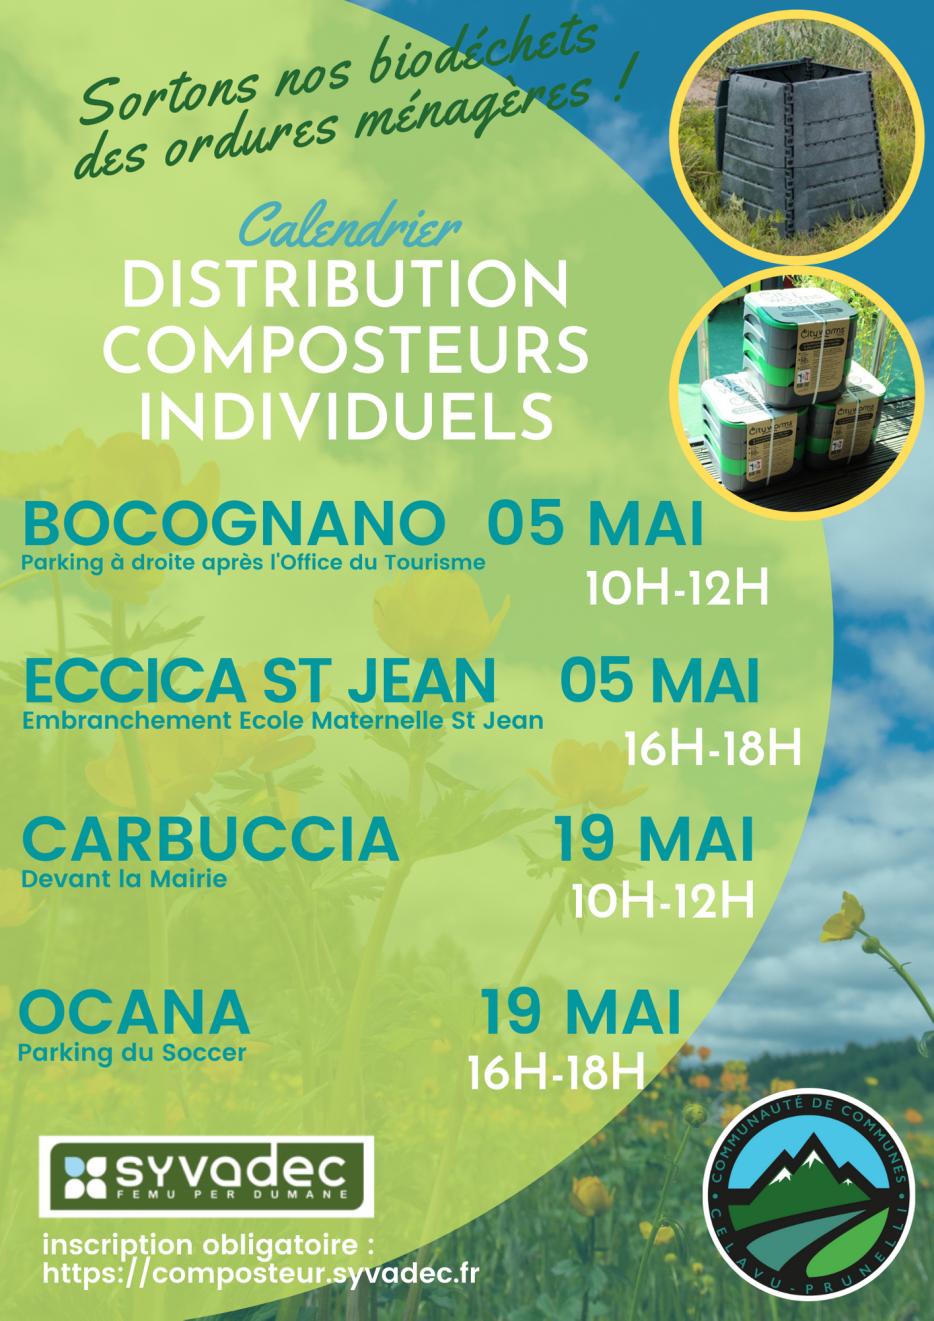 Calendrier de distribution de composteurs individuels sur le mois de mai 2021